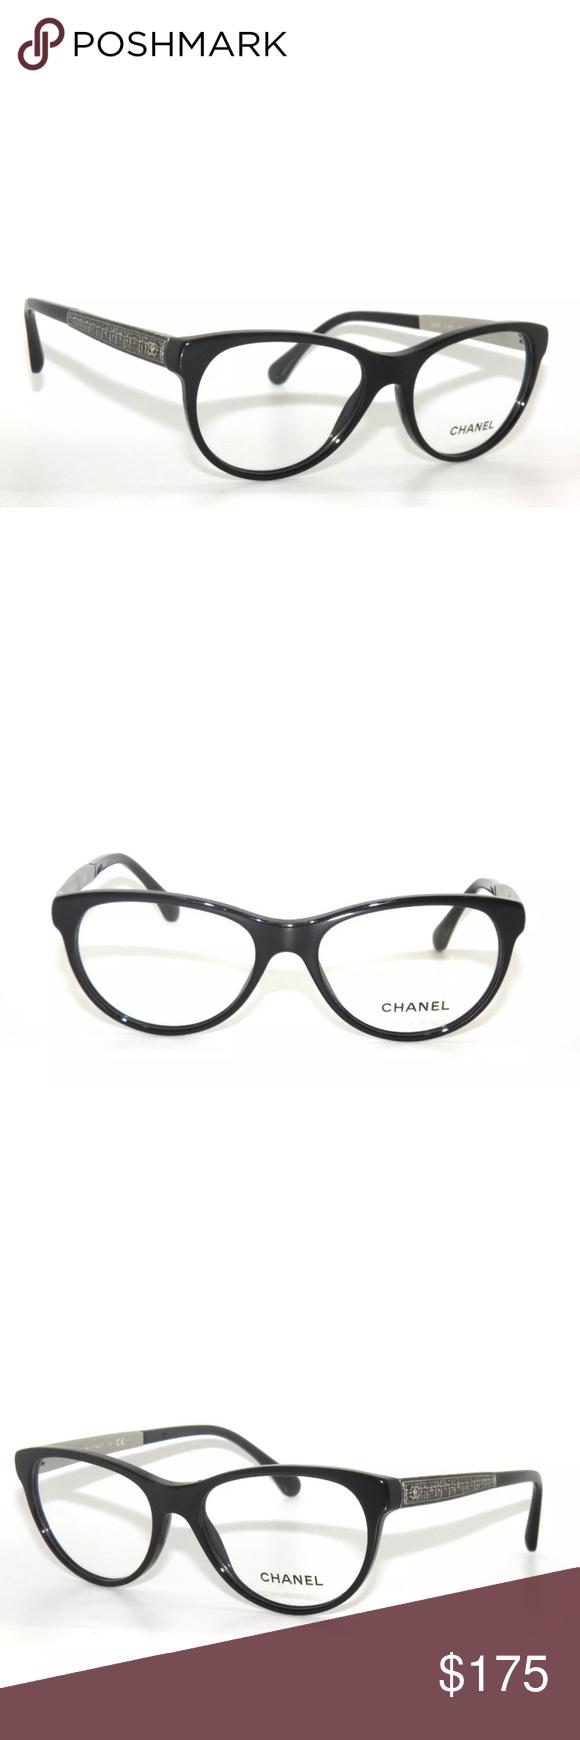 03779eff1e1 Chanel Eyeglasses 3333 Black Frame New